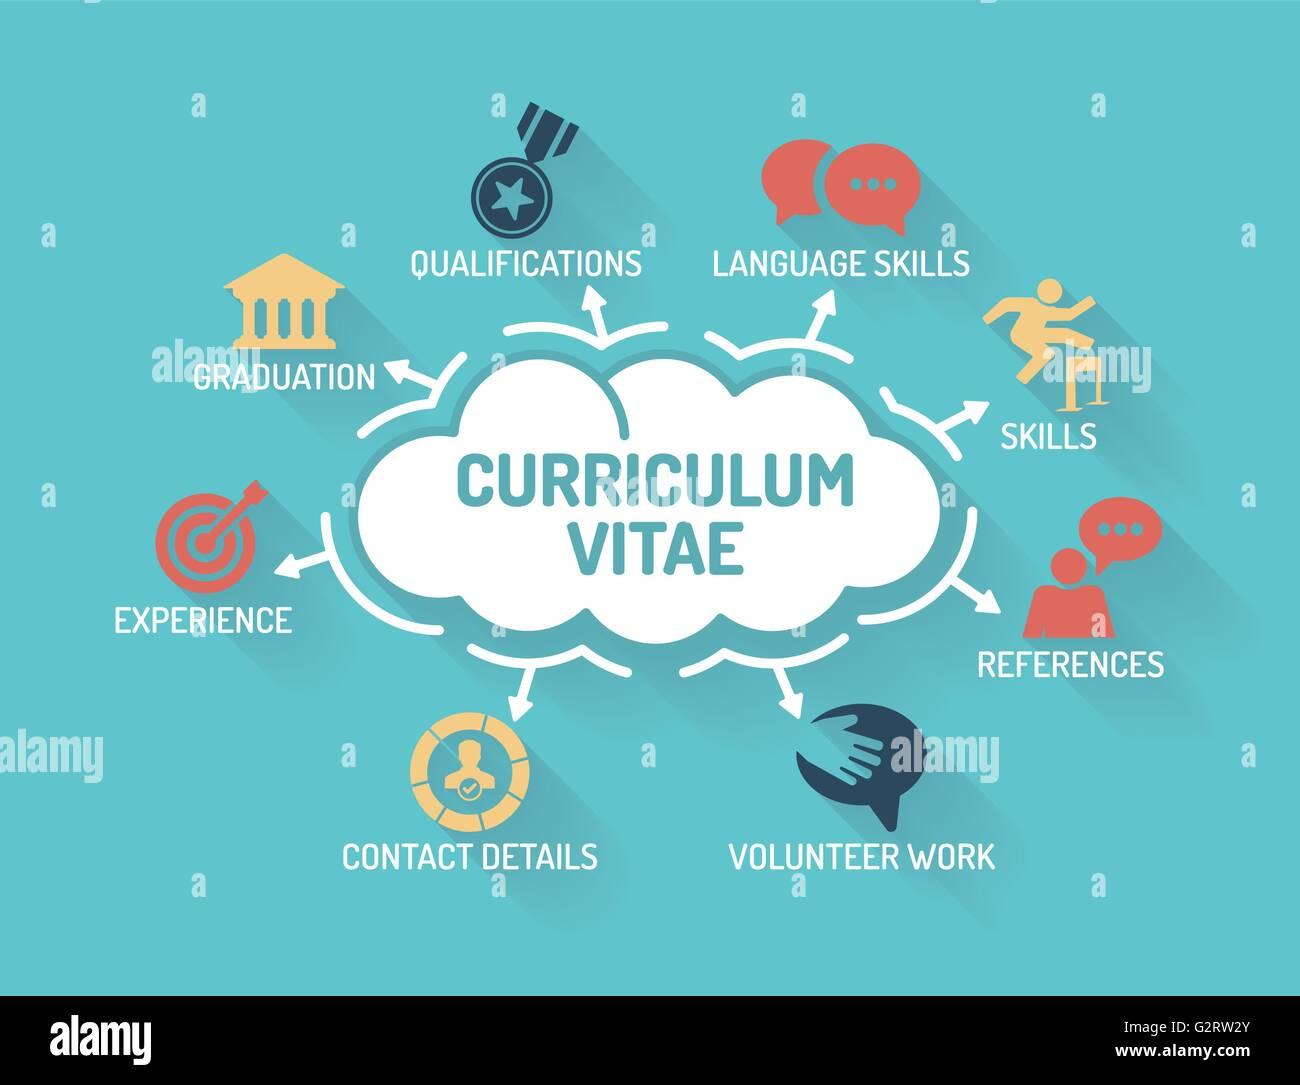 cv resume curriculum vitae design stock photos  u0026 cv resume curriculum vitae design stock images